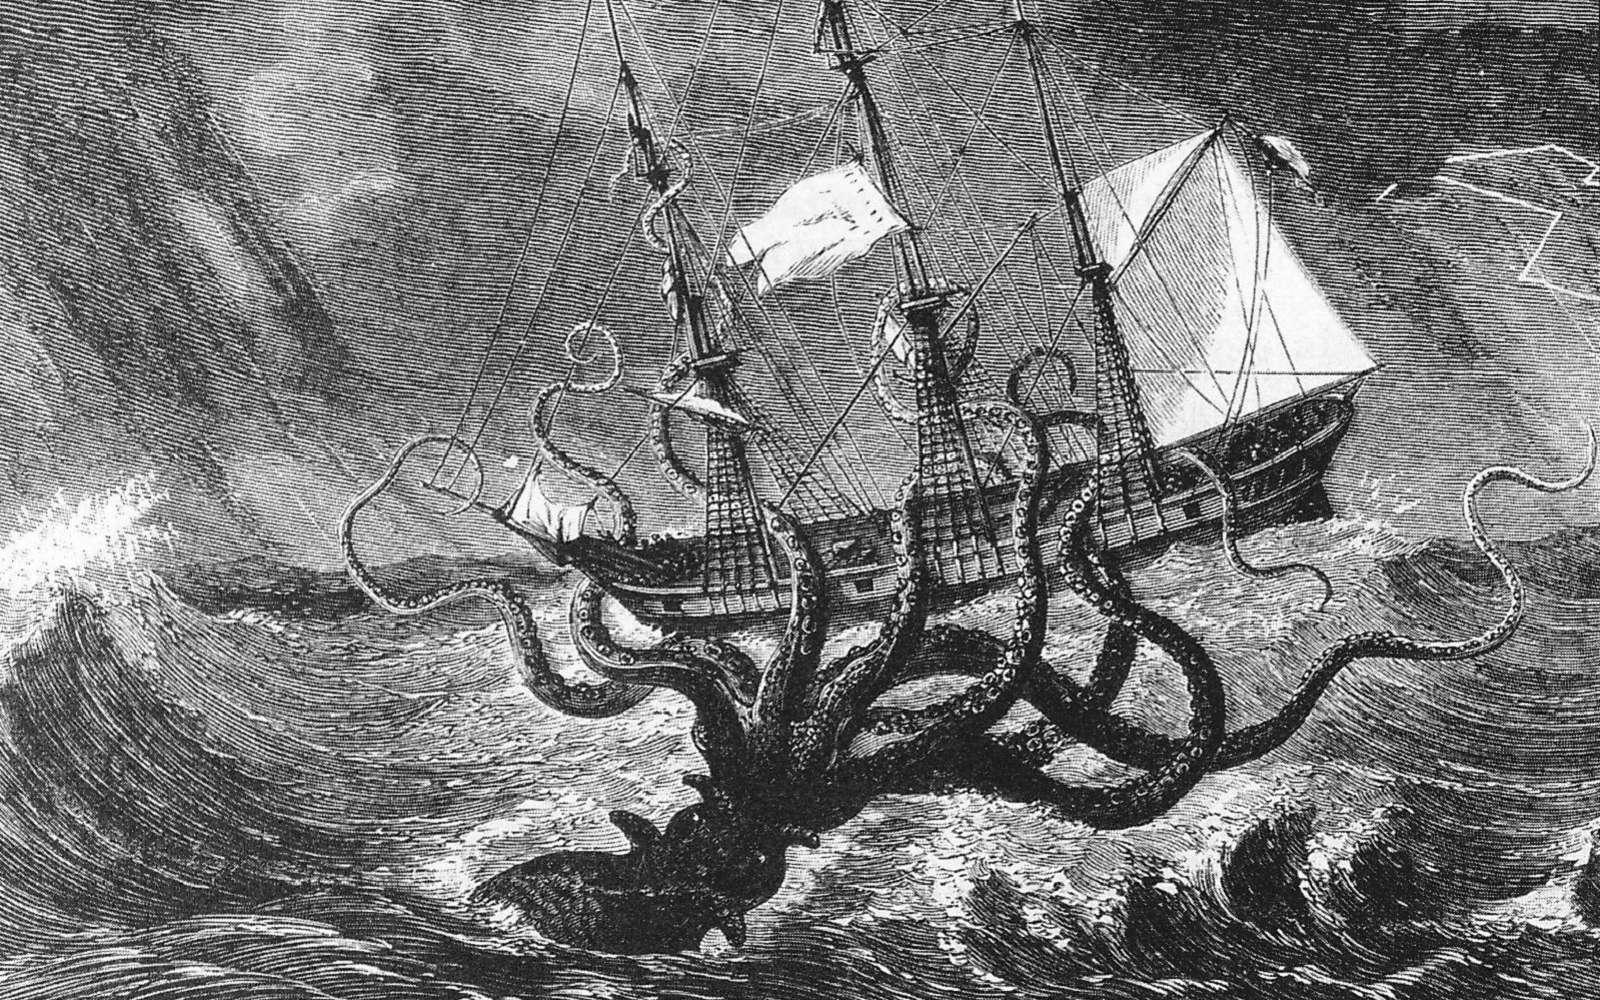 Le Kraken, pas si légendaire que ça ? © Mary Evans, Sipa